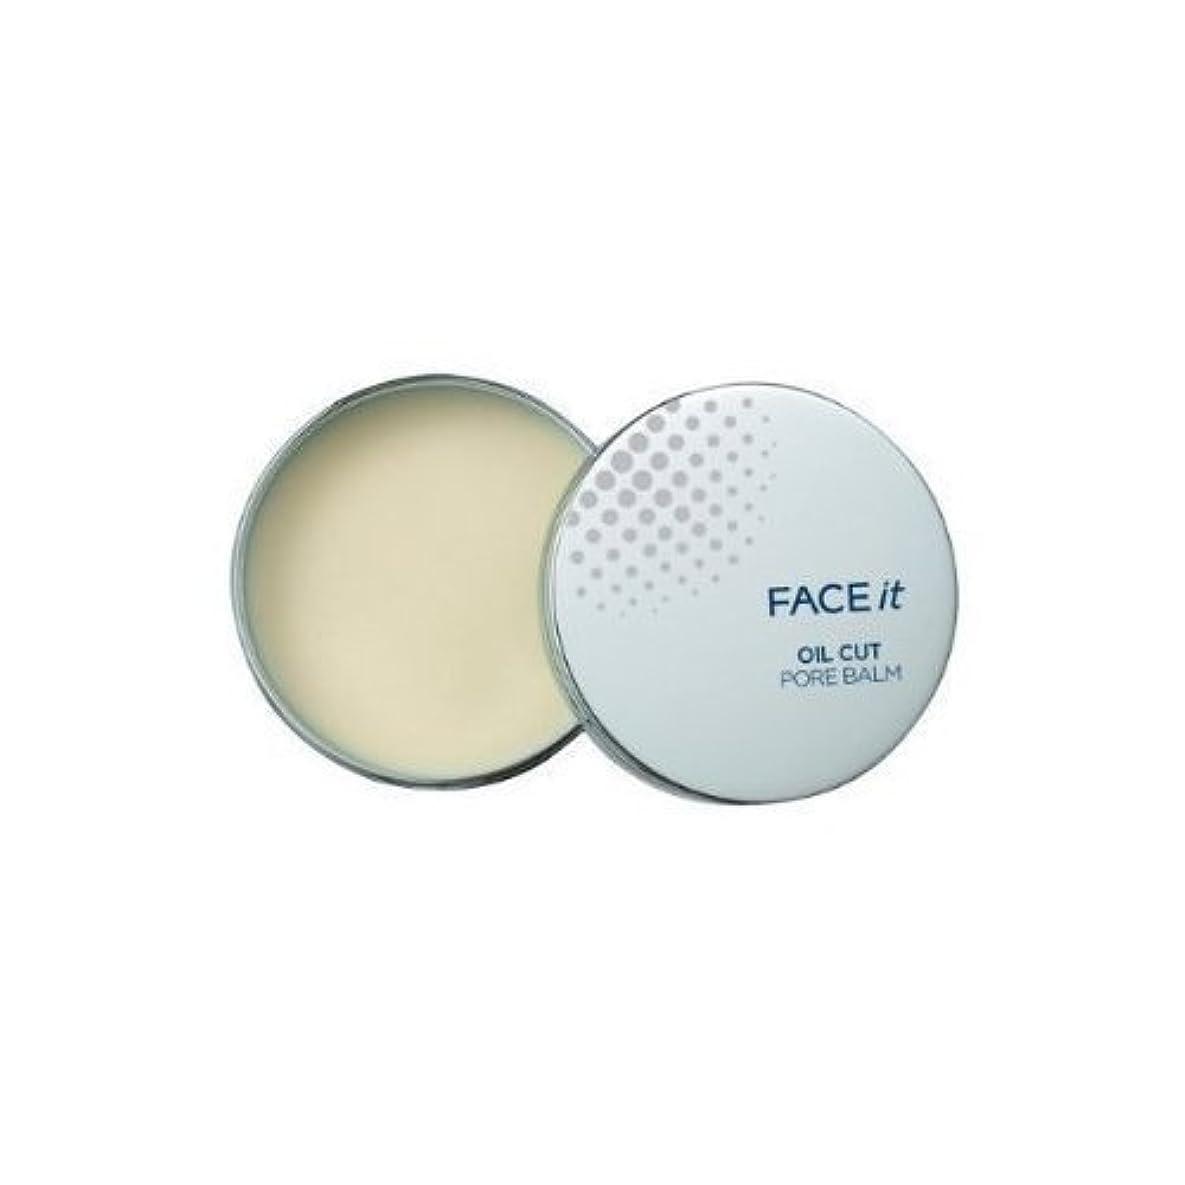 ライバル下に向けますレーニン主義The Face Shop FACE it Oil Cut Pore Balm 17g